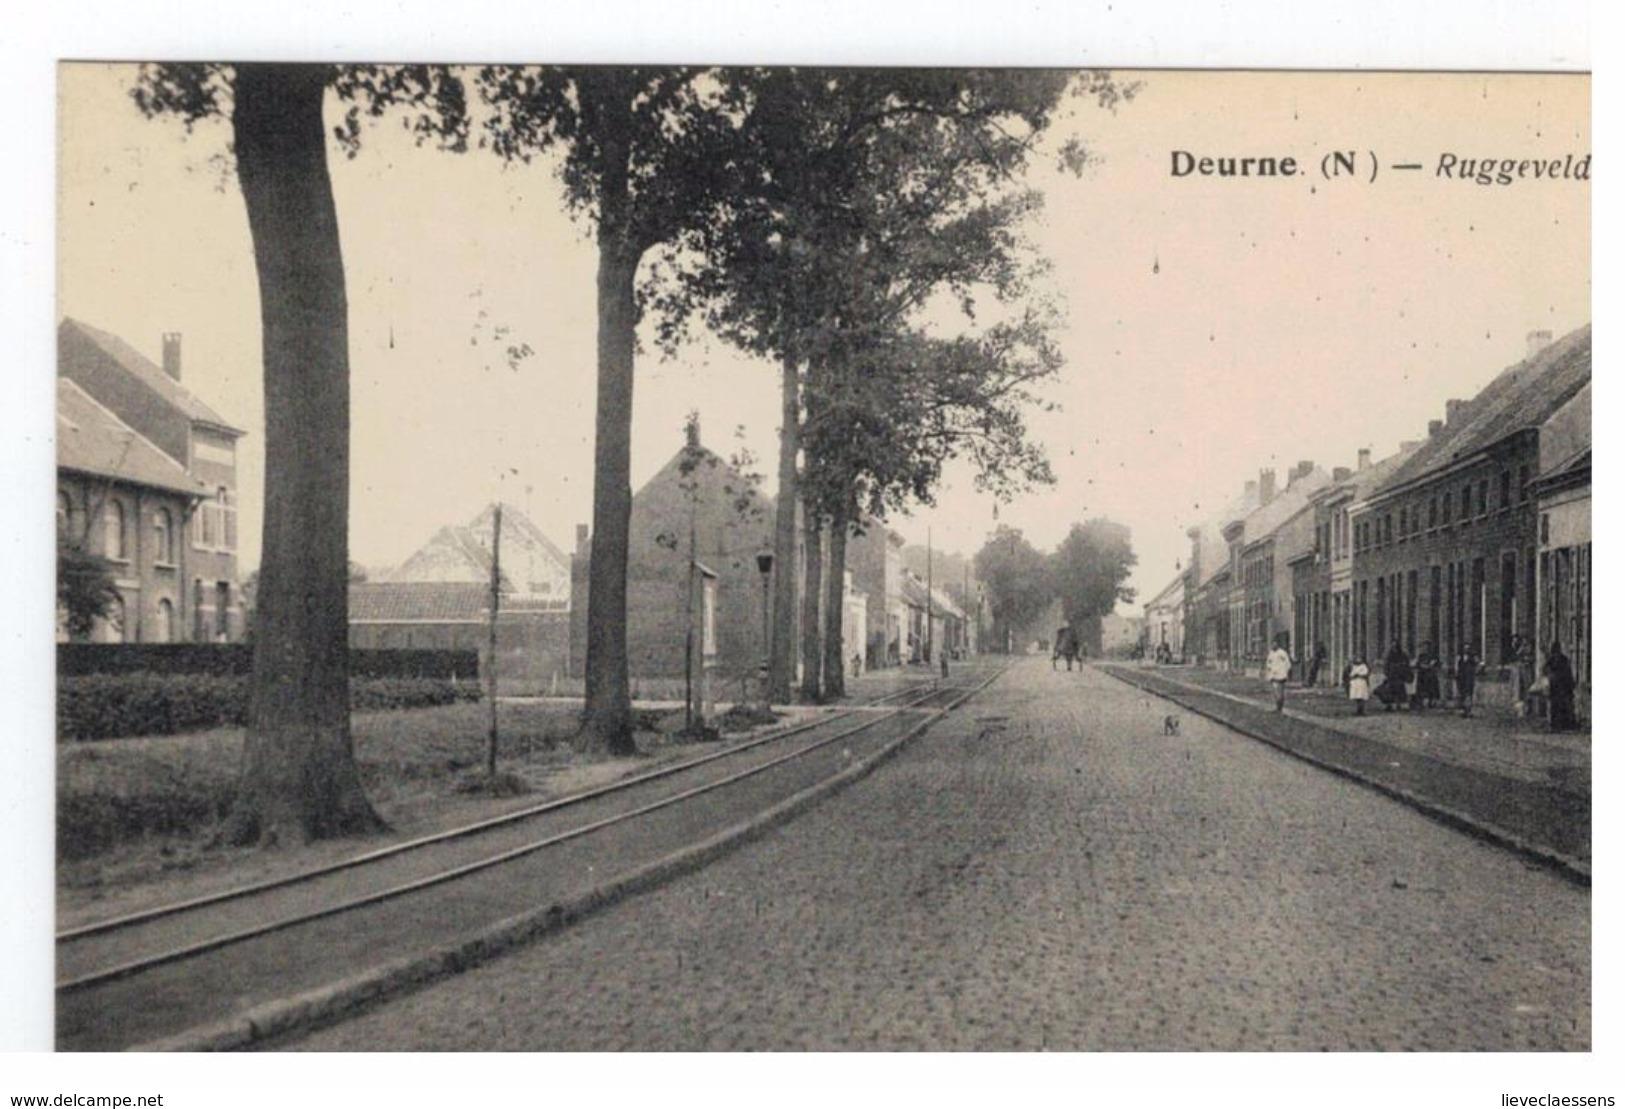 Deurne (N.) - Ruggeveld - Antwerpen